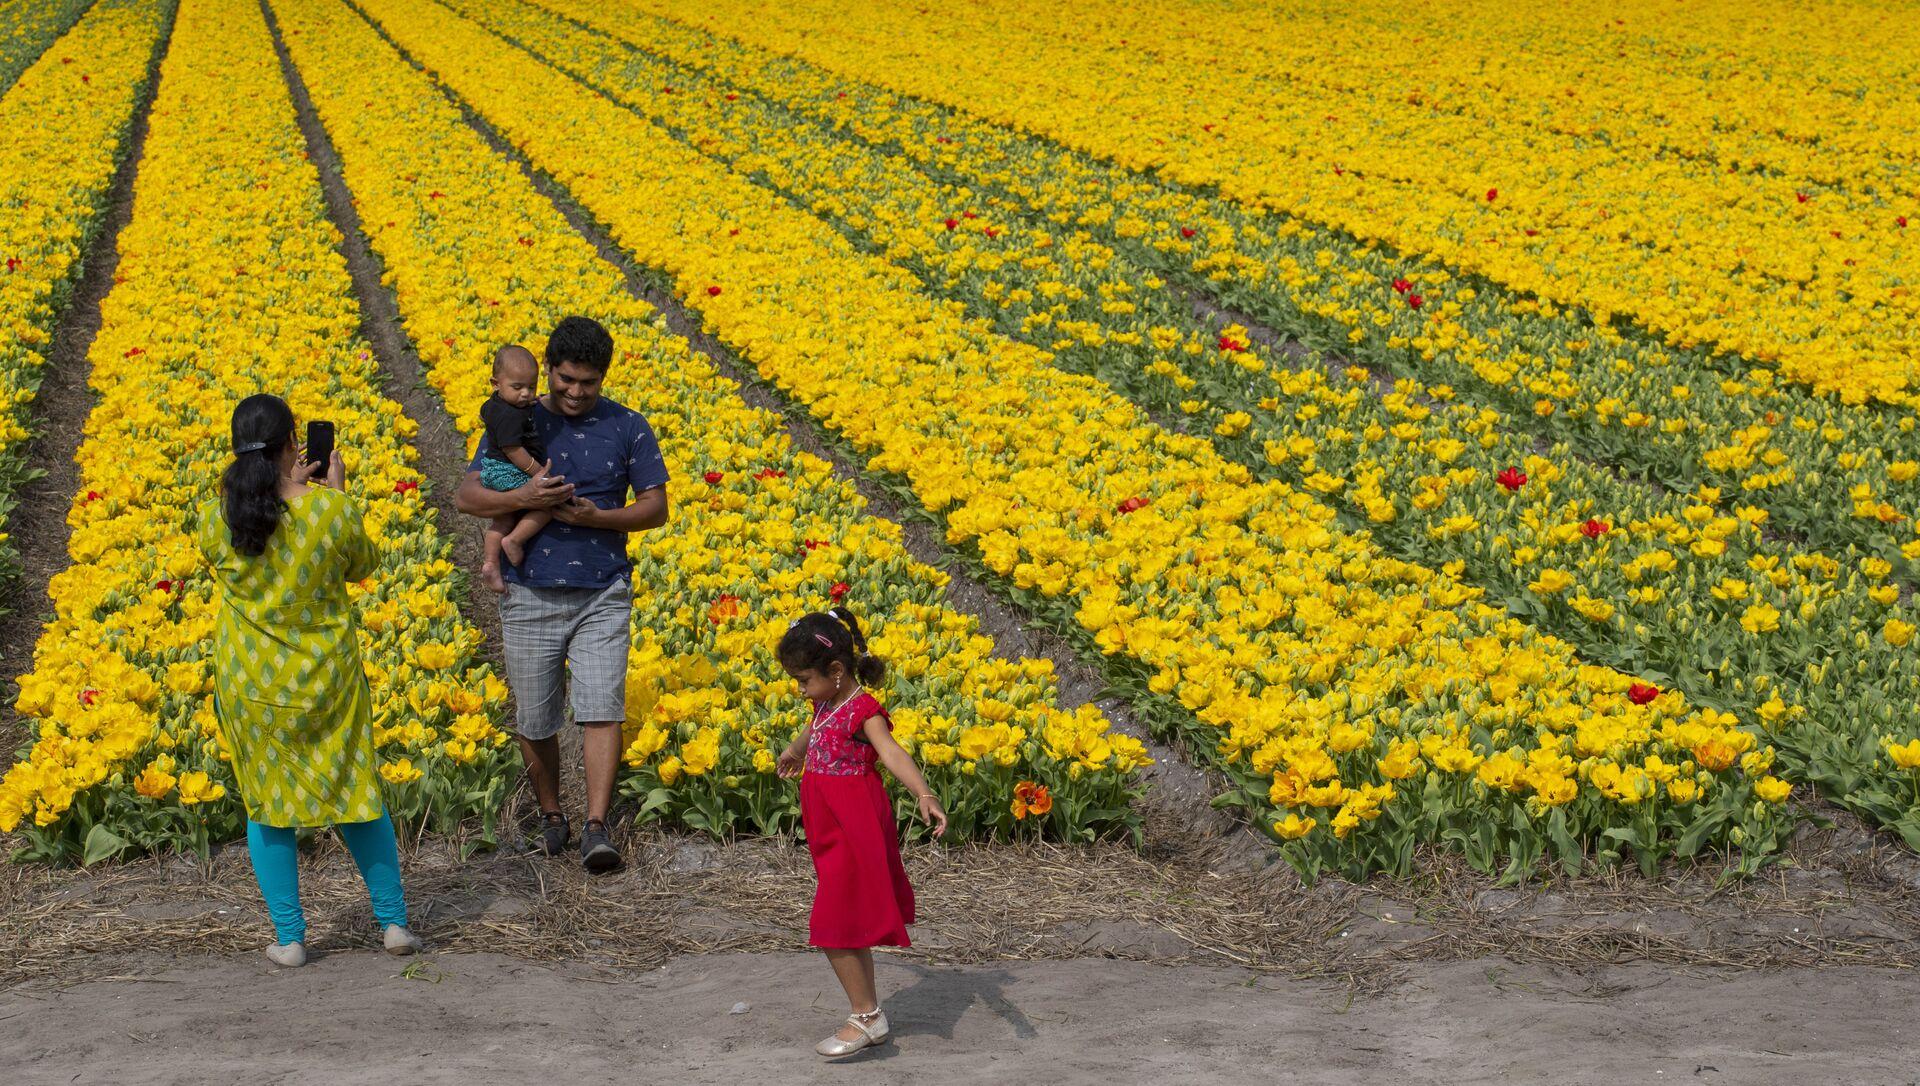 Rodzina robi zdjęcia na tle pola tulipanów w Lisse w Holandii - Sputnik Polska, 1920, 10.03.2021